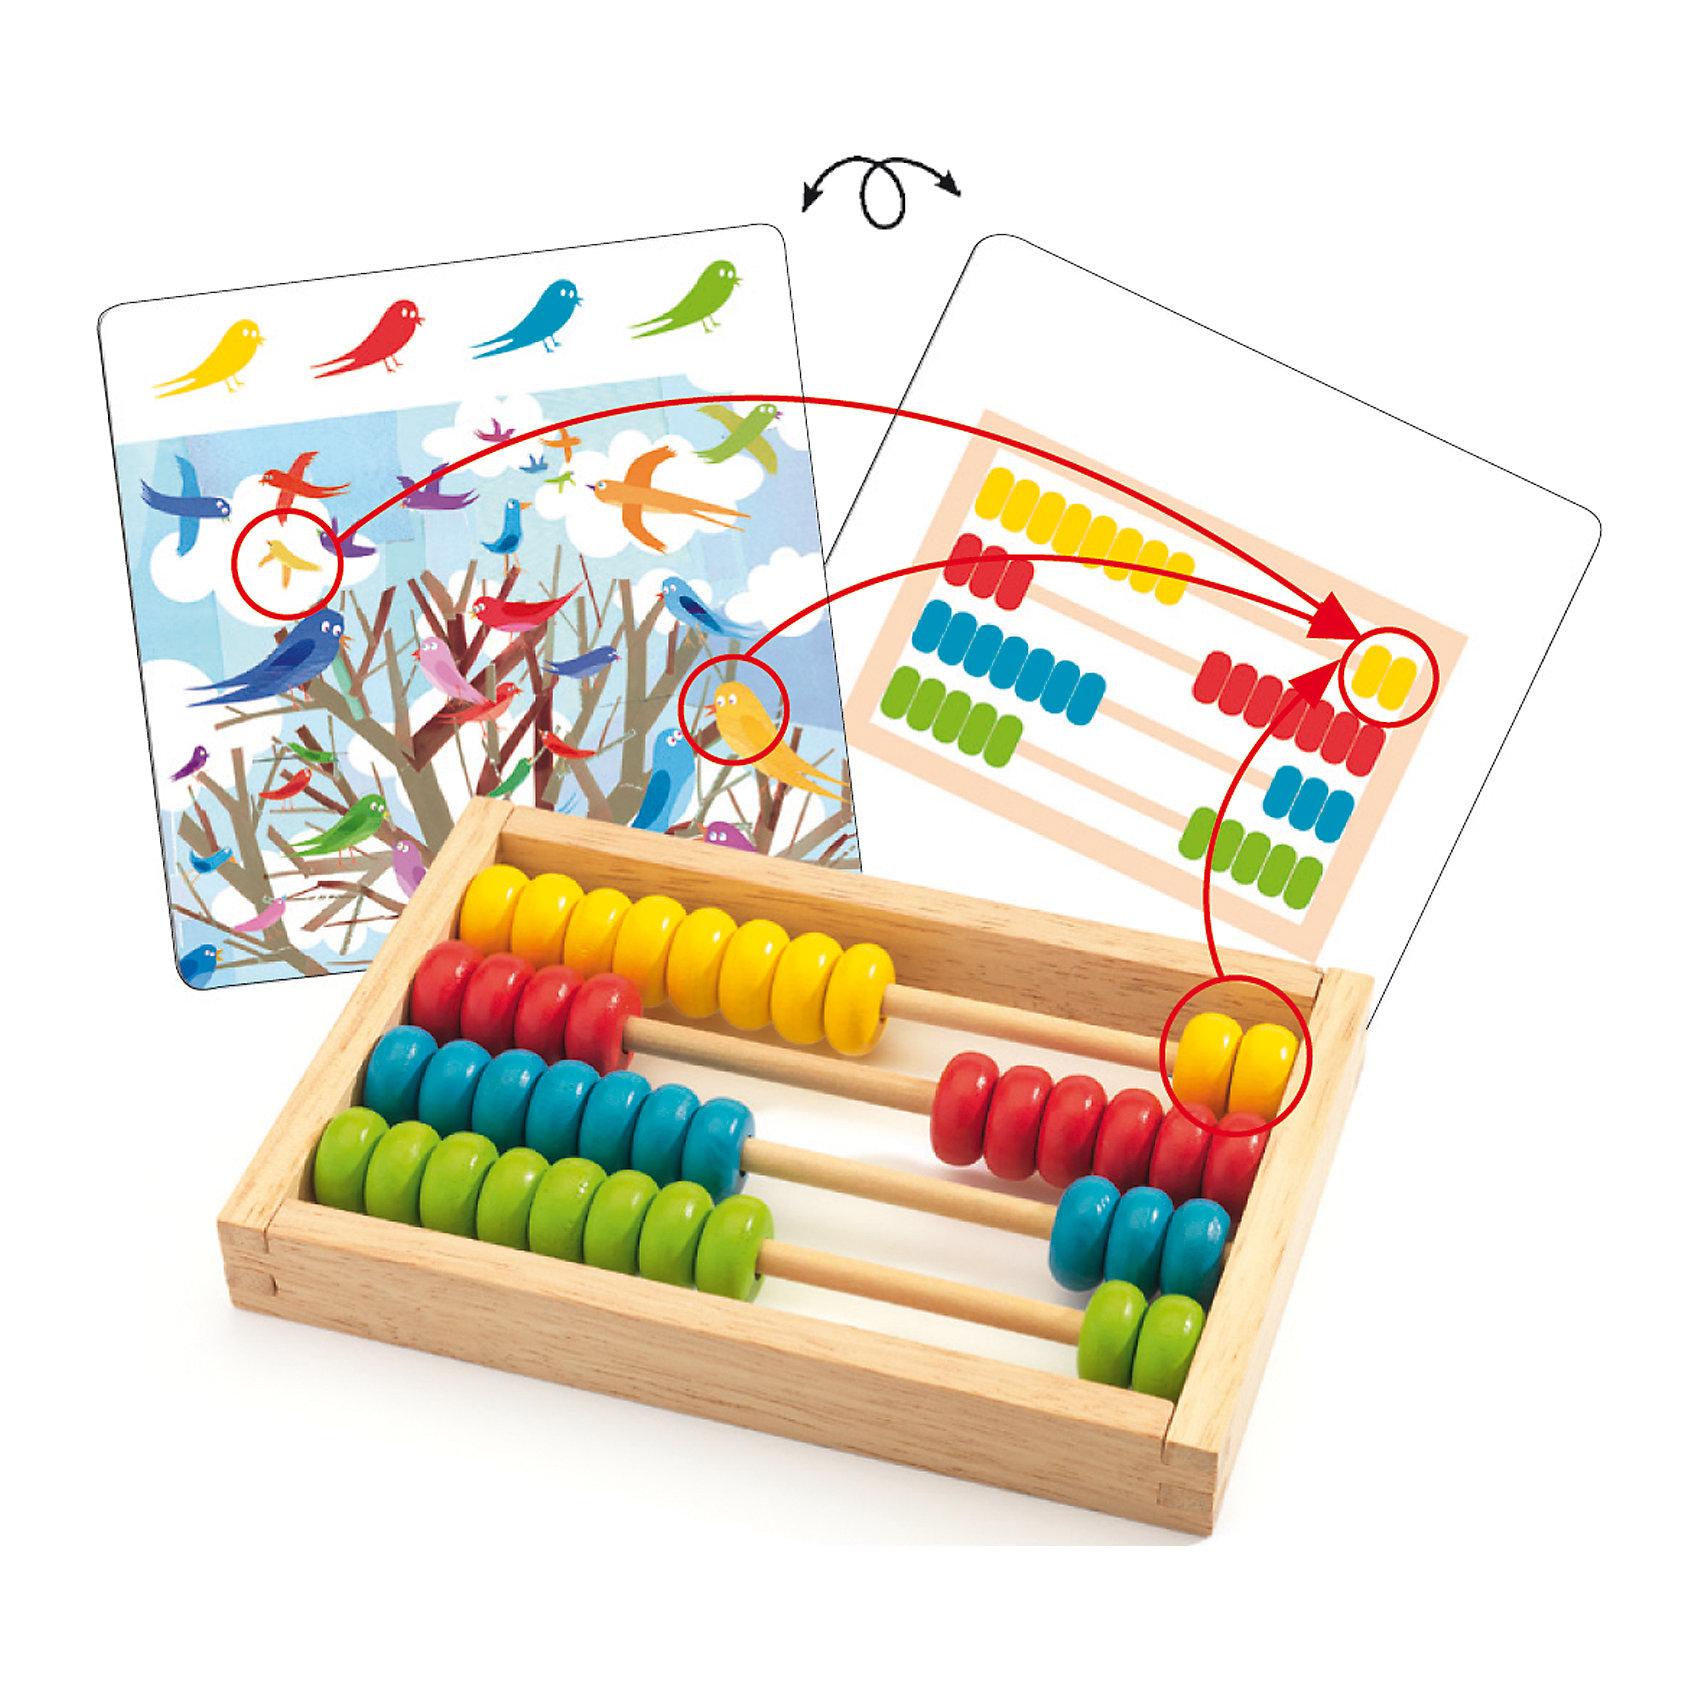 Настольная игра Счеты, DJECOНастольная игра Счеты от французского производителя игрушек Djeco – превосходный игровой набор, который научит малыша считать. В набор входят красочные интересные карточки, а также счеты с четырьмя рядами разноцветных костяшек. Смысл игры состоит в том, чтобы малыш сосчитал количество персонажей на карточке и перенес это количество на счеты согласно цветам. Яркие и красивые картинки с птичками, цветами, животными порадуют малыша и сделают игру очень интересной. Малышу обязательно понравится считать и рассматривать милых персонажей на карточках. Размер счетов: 20 х 20 см. В наборе: 20 карточек с заданиями,<br>деревянные счеты.<br><br>Ширина мм: 40<br>Глубина мм: 210<br>Высота мм: 220<br>Вес г: 730<br>Возраст от месяцев: 36<br>Возраст до месяцев: 1188<br>Пол: Унисекс<br>Возраст: Детский<br>SKU: 4761464